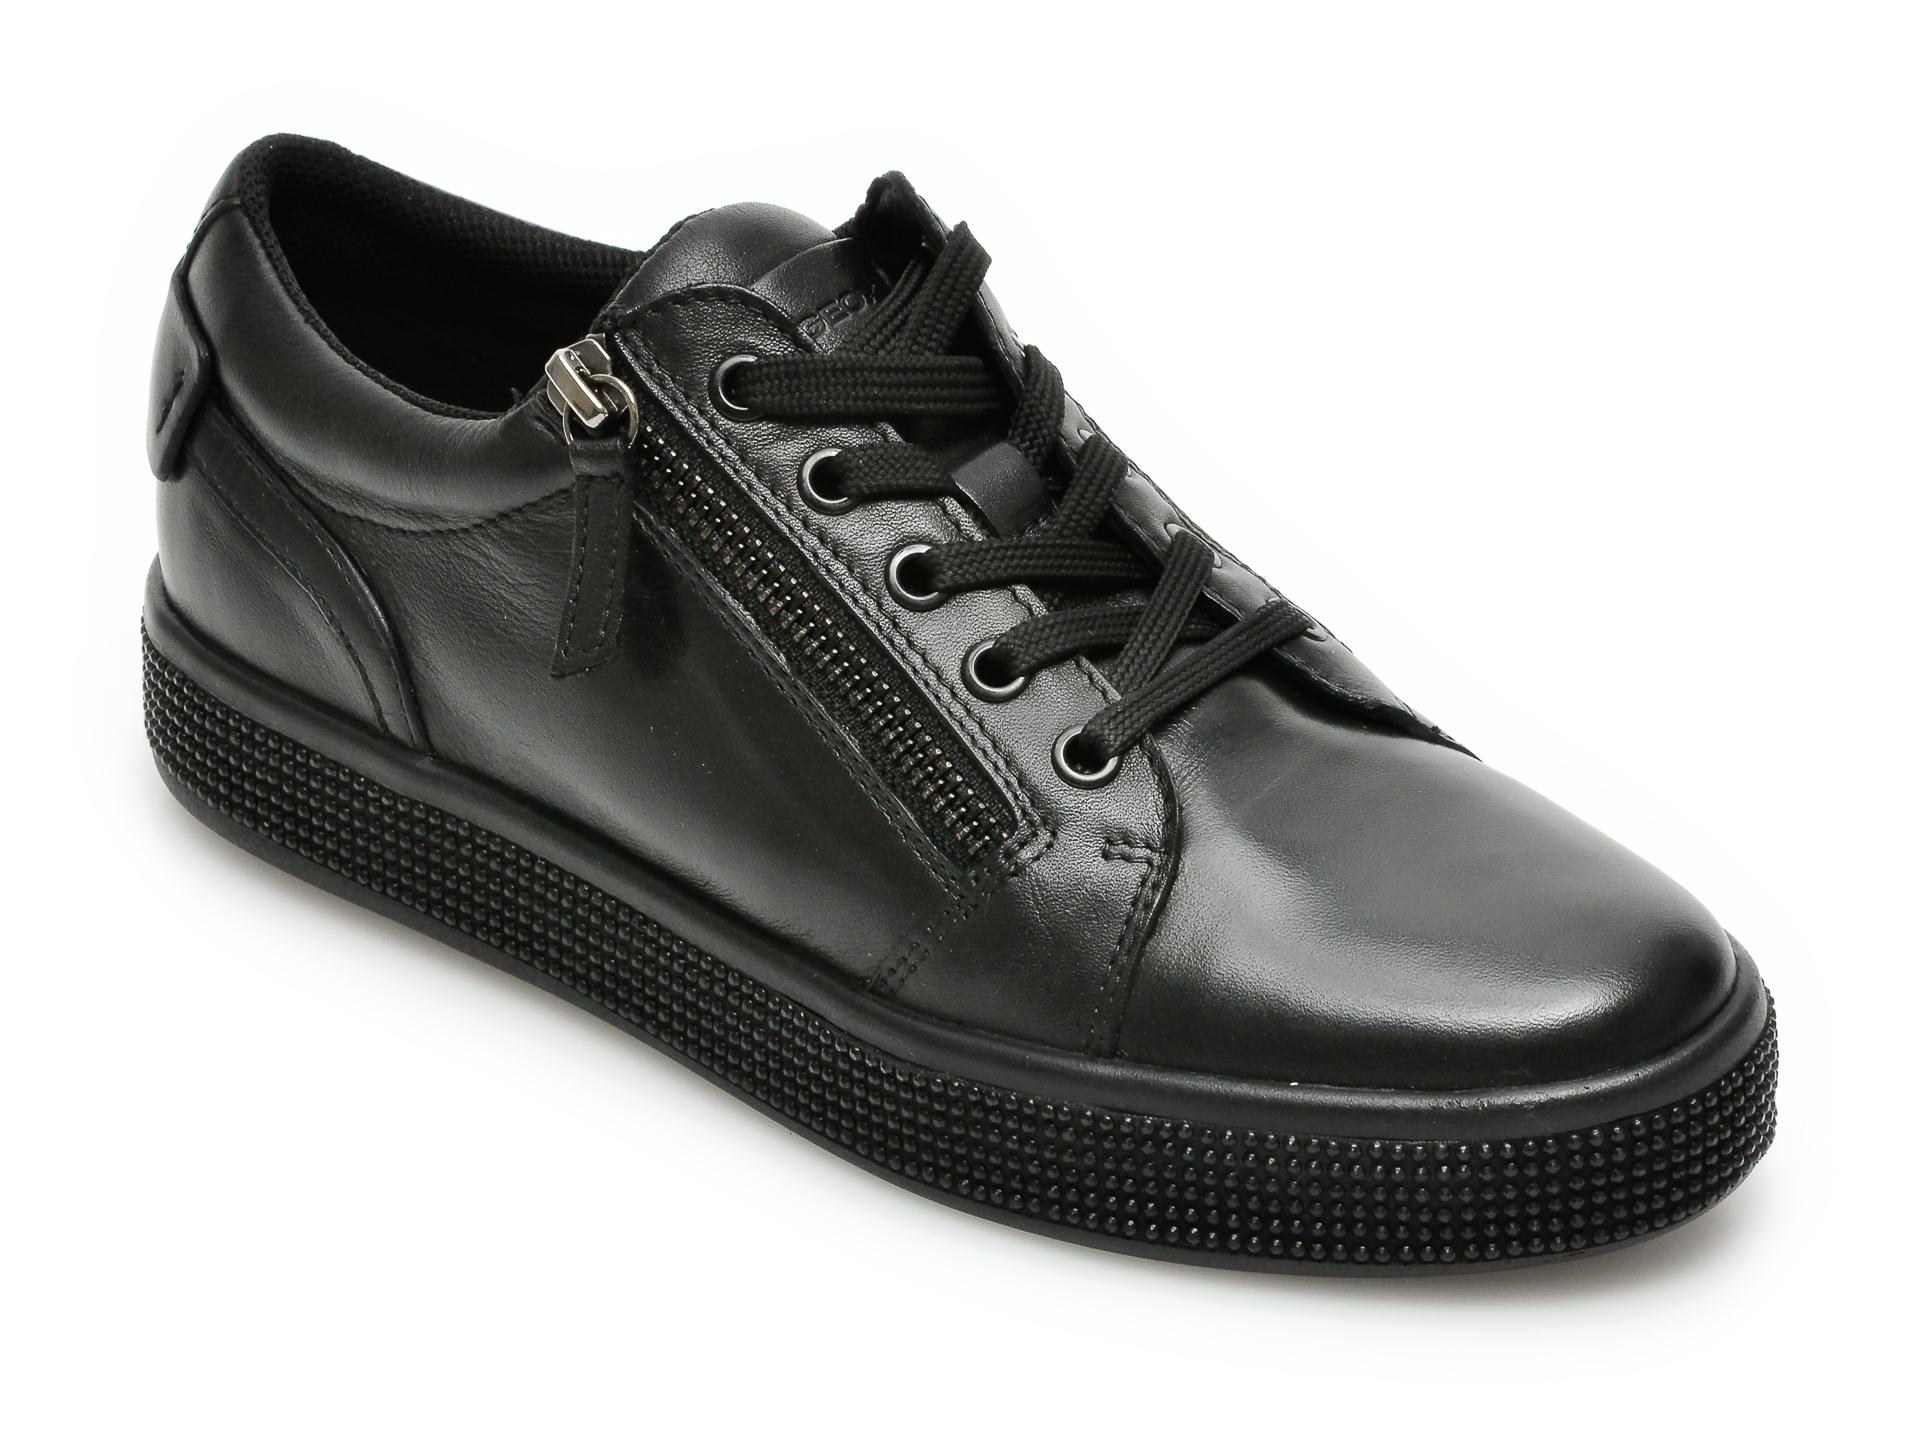 Pantofi GEOX negri, D04FFD, din piele naturala imagine otter.ro